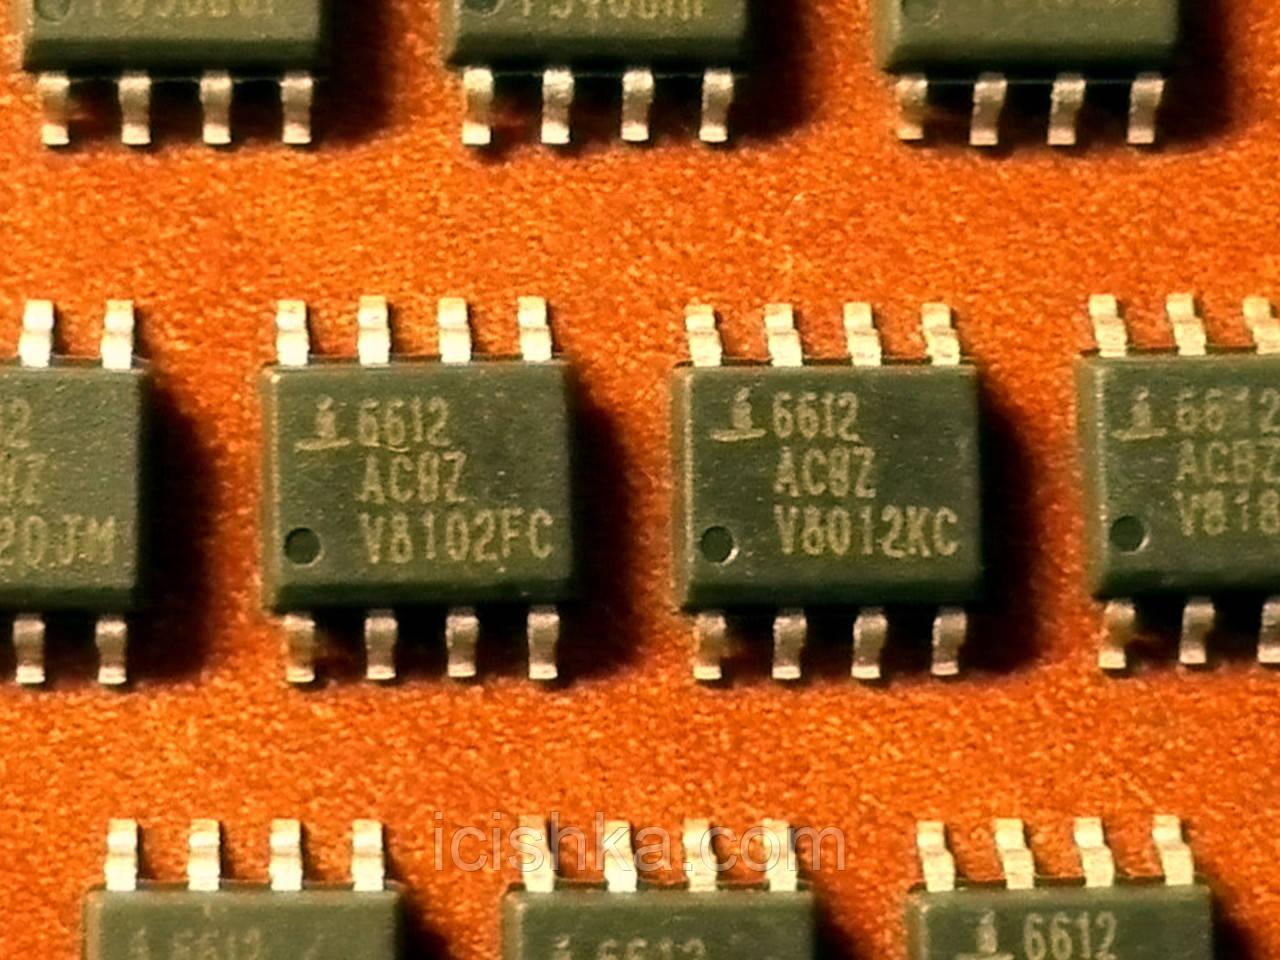 ISL6612 / ISL6612ACBZ SOP8 - Драйвер мосфетов верхнего и нижнего плеча